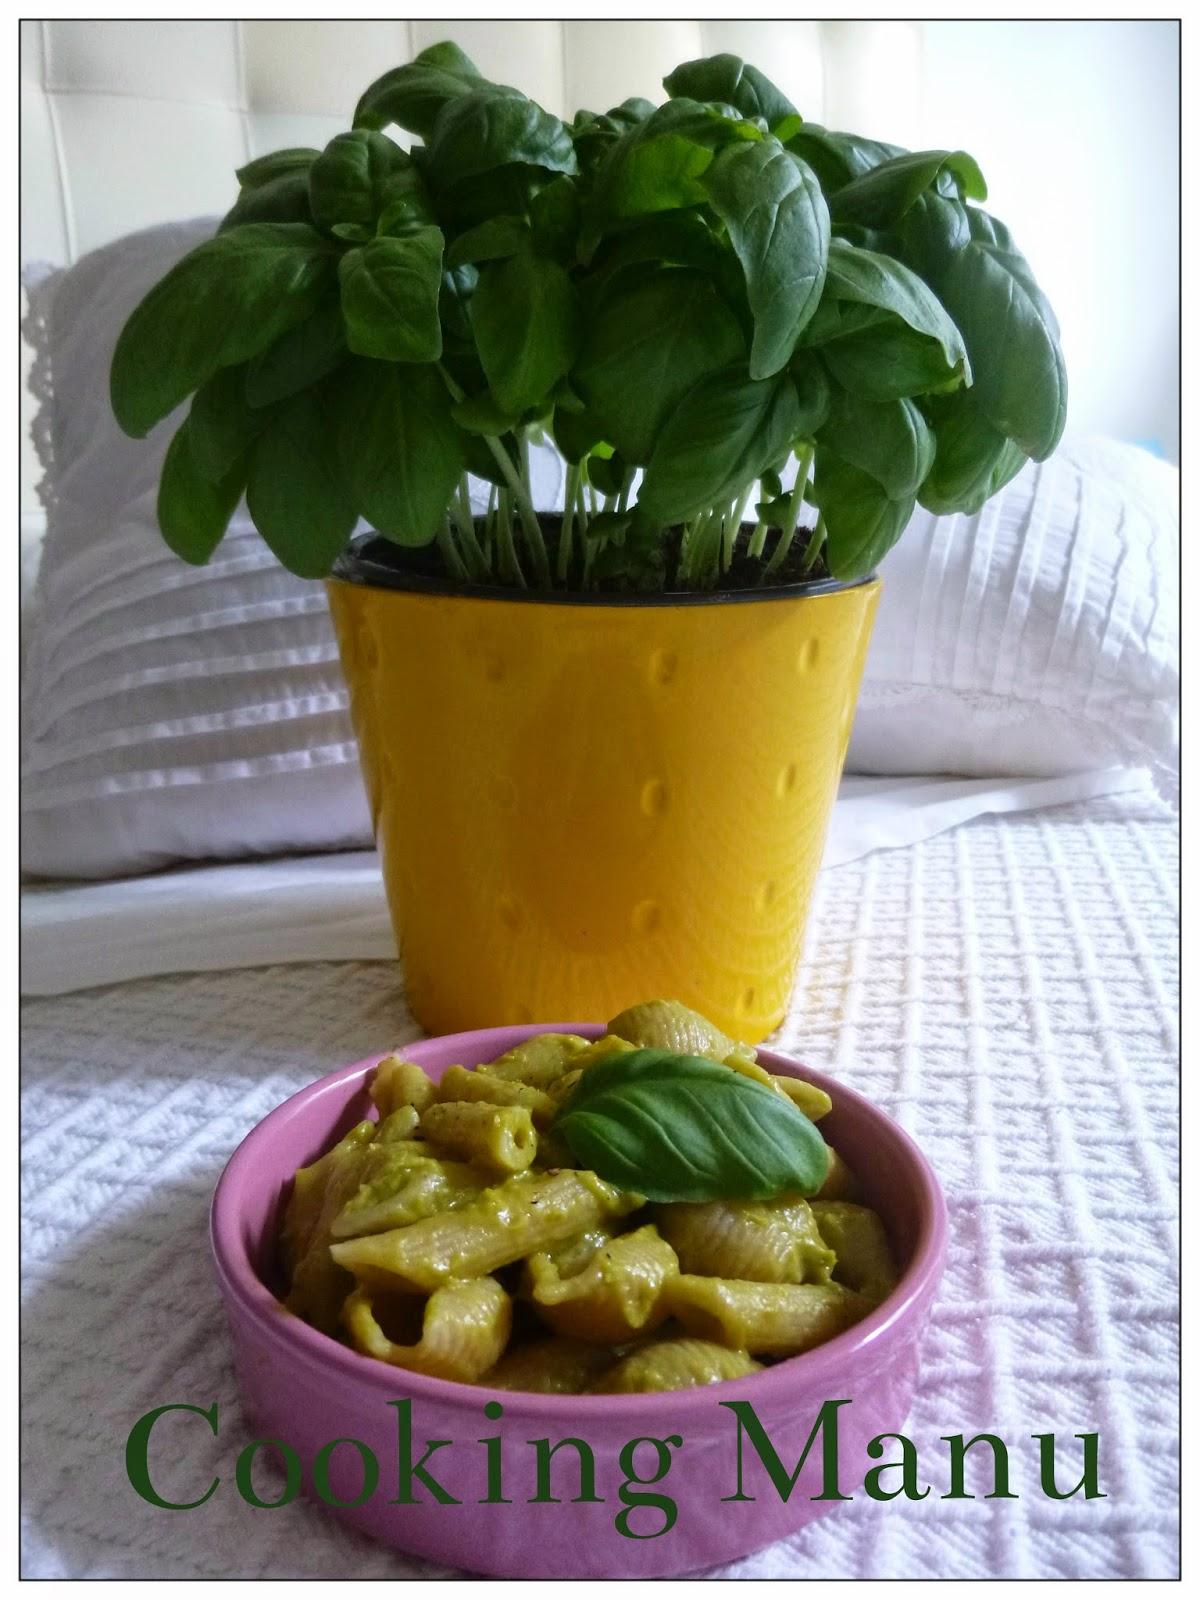 pasta fredda al pesto di pisellini (salad pasta with peas pesto)